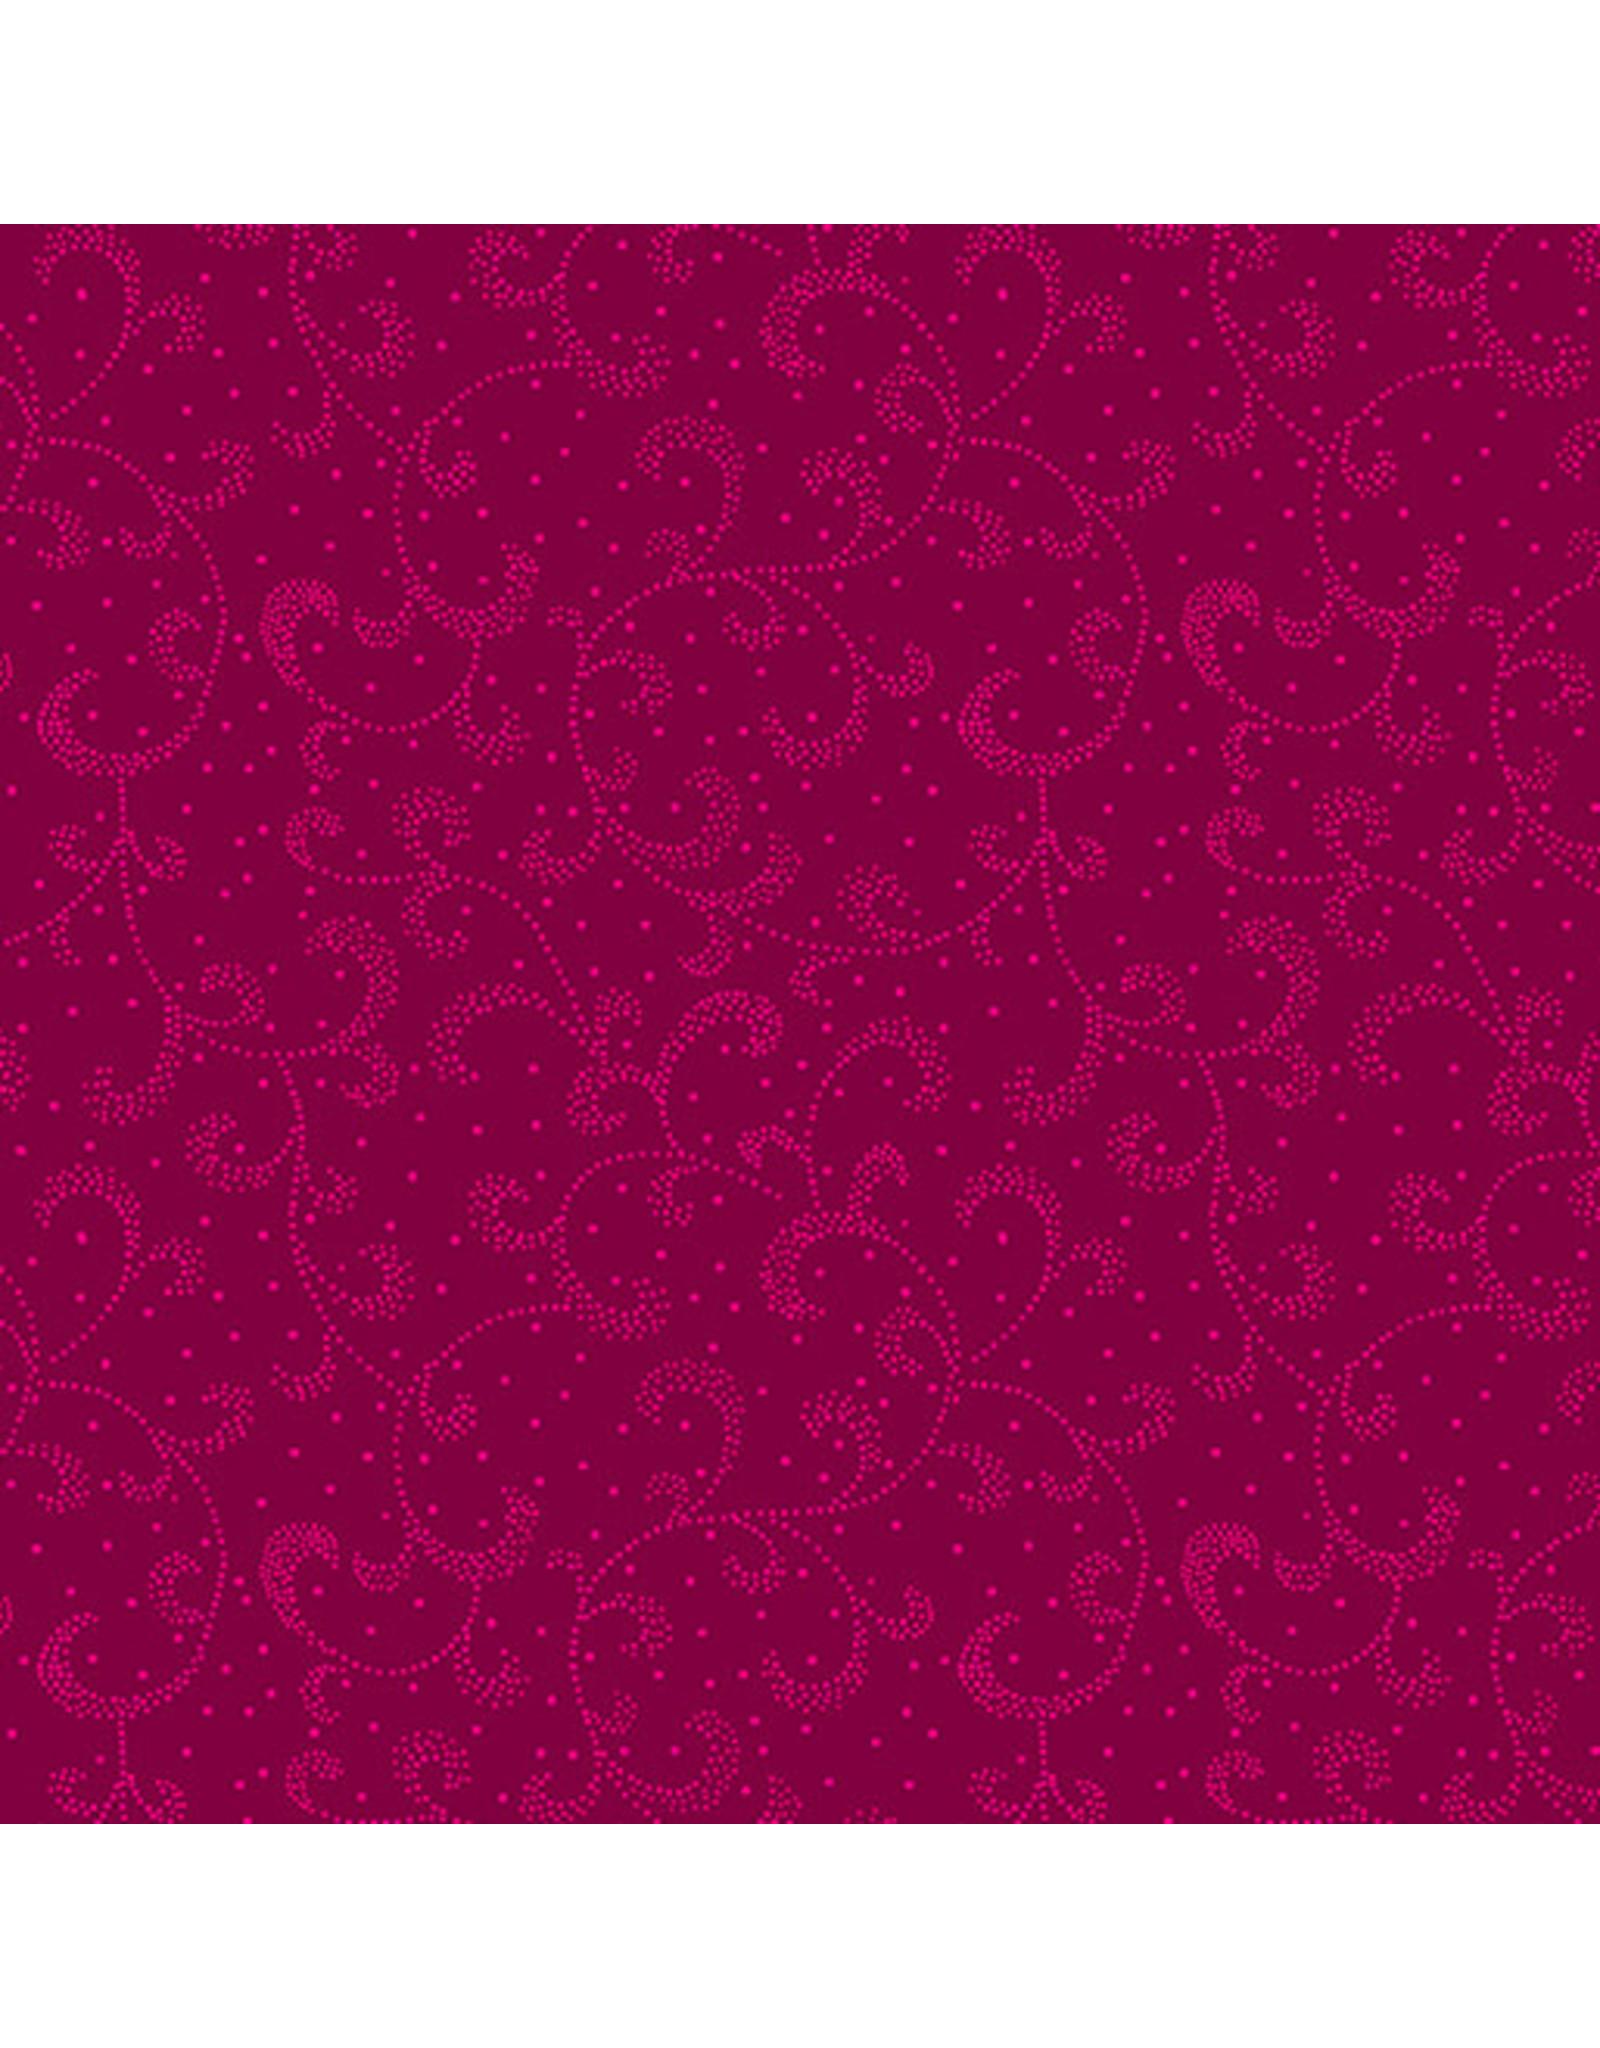 Kanvas Studio Swirling Scroll - Azalea